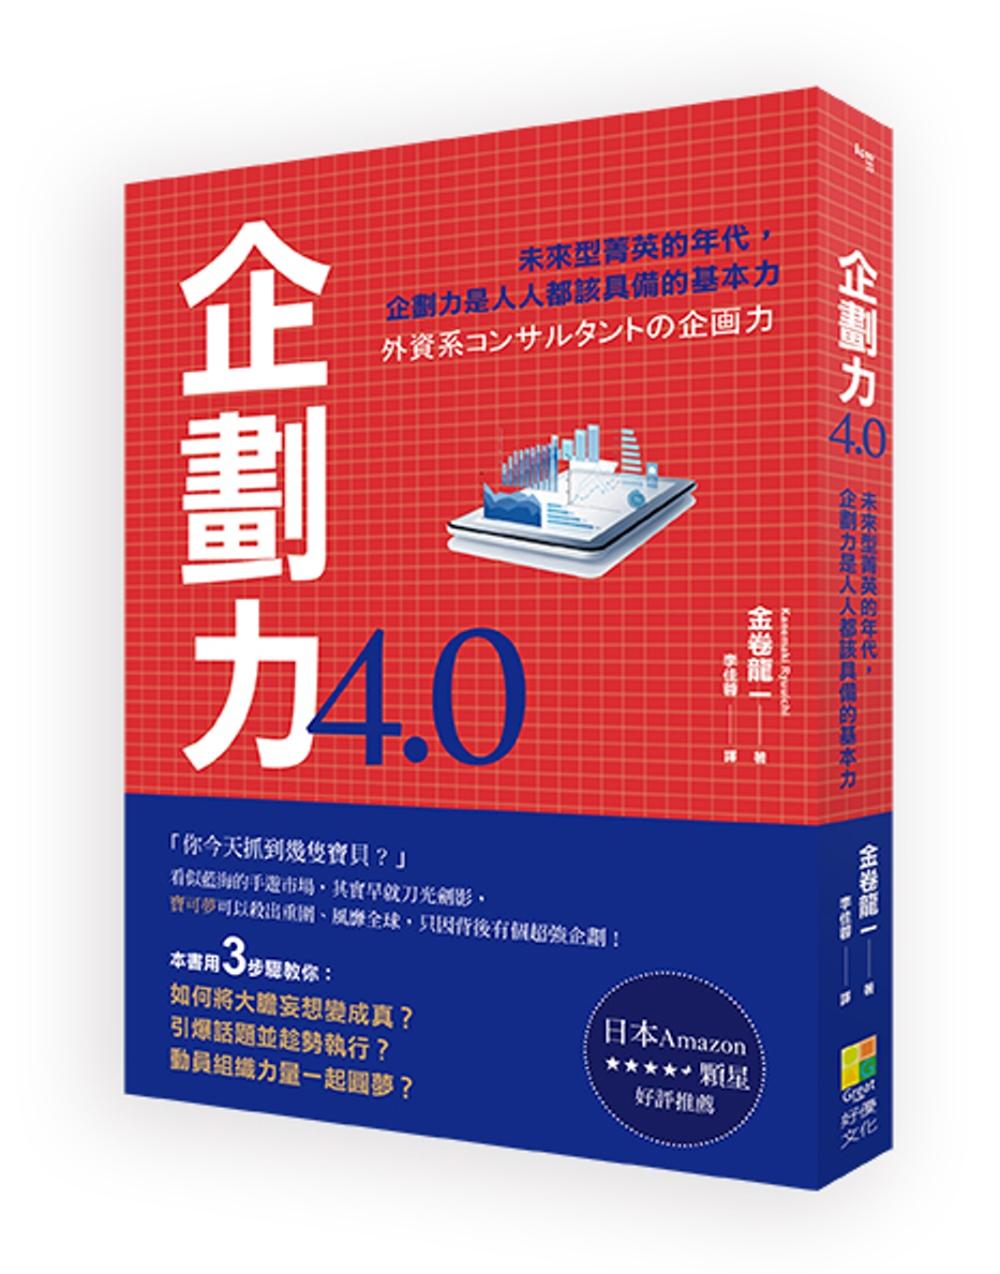 企劃力4.0:「未來型菁英」的年代,企劃力是人人都該具備的基本力!